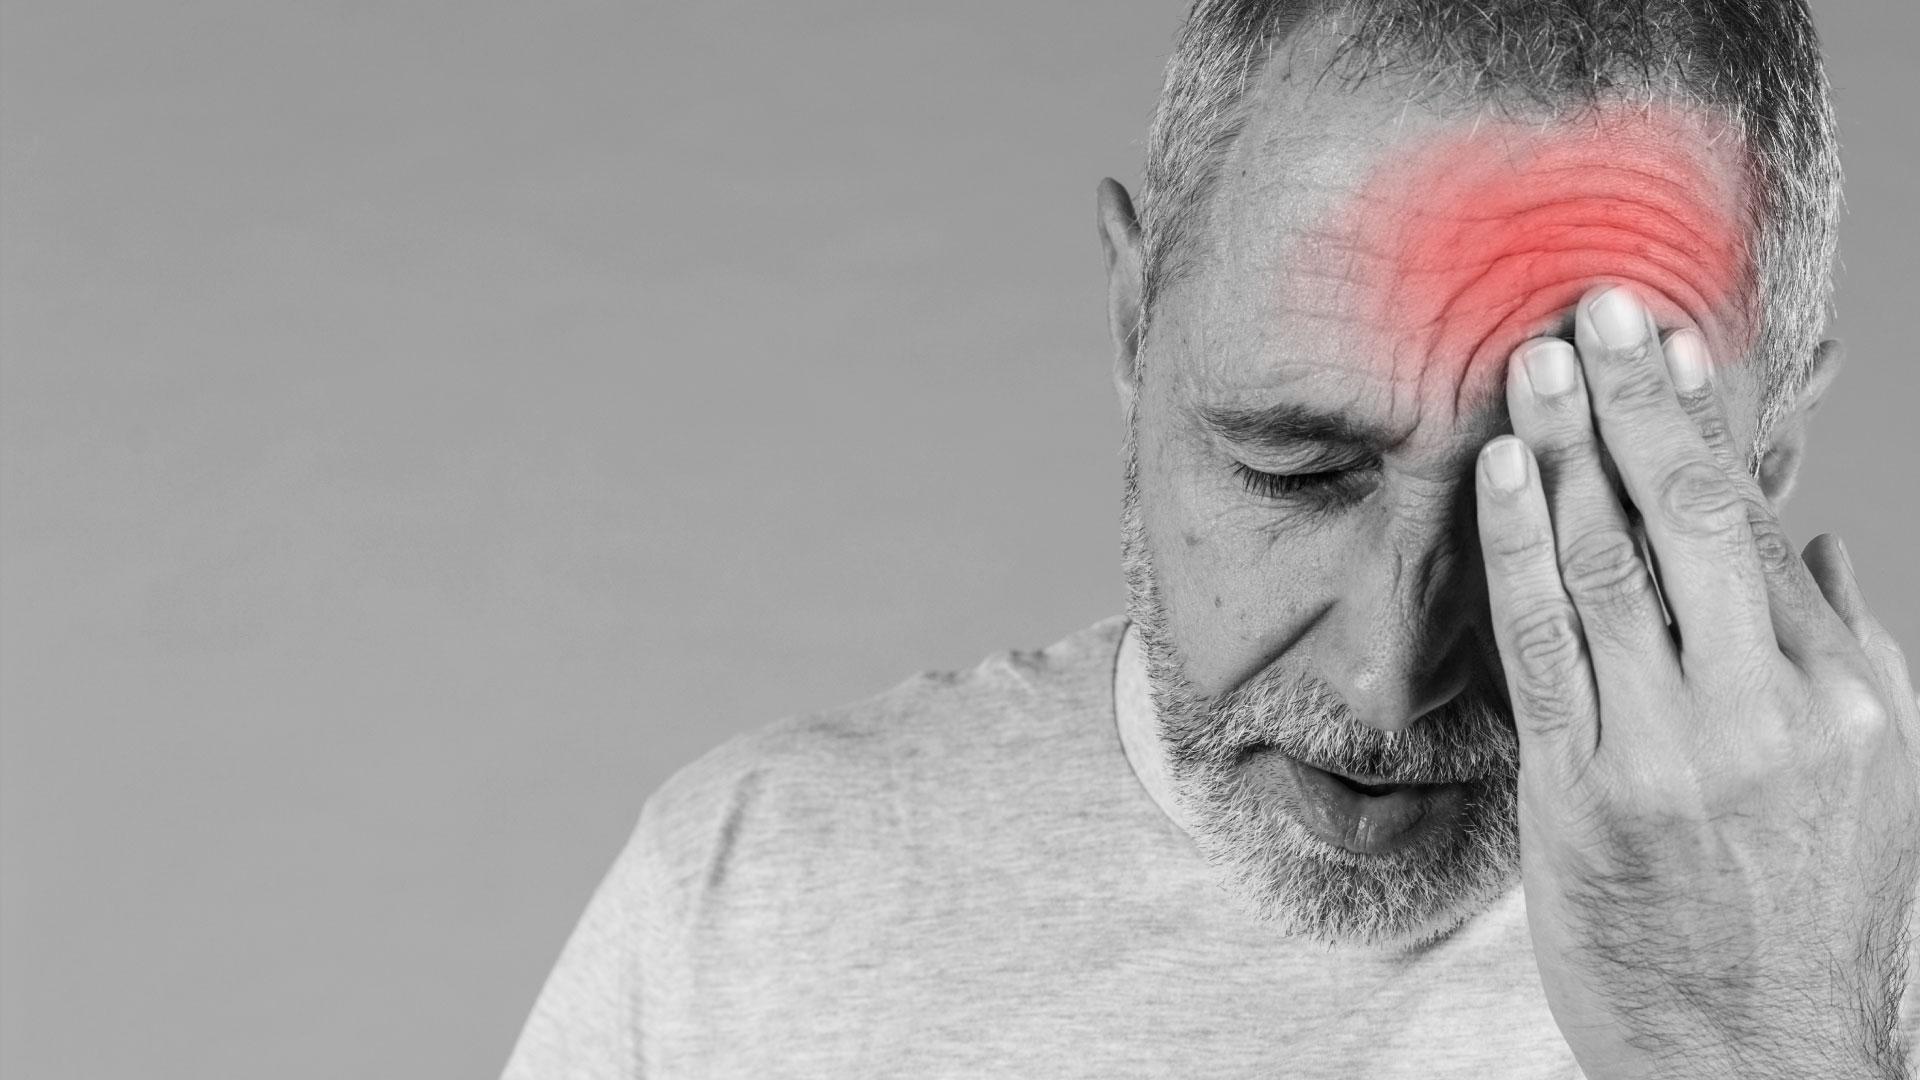 As 7 principais doenças diagnosticadas por médicos online